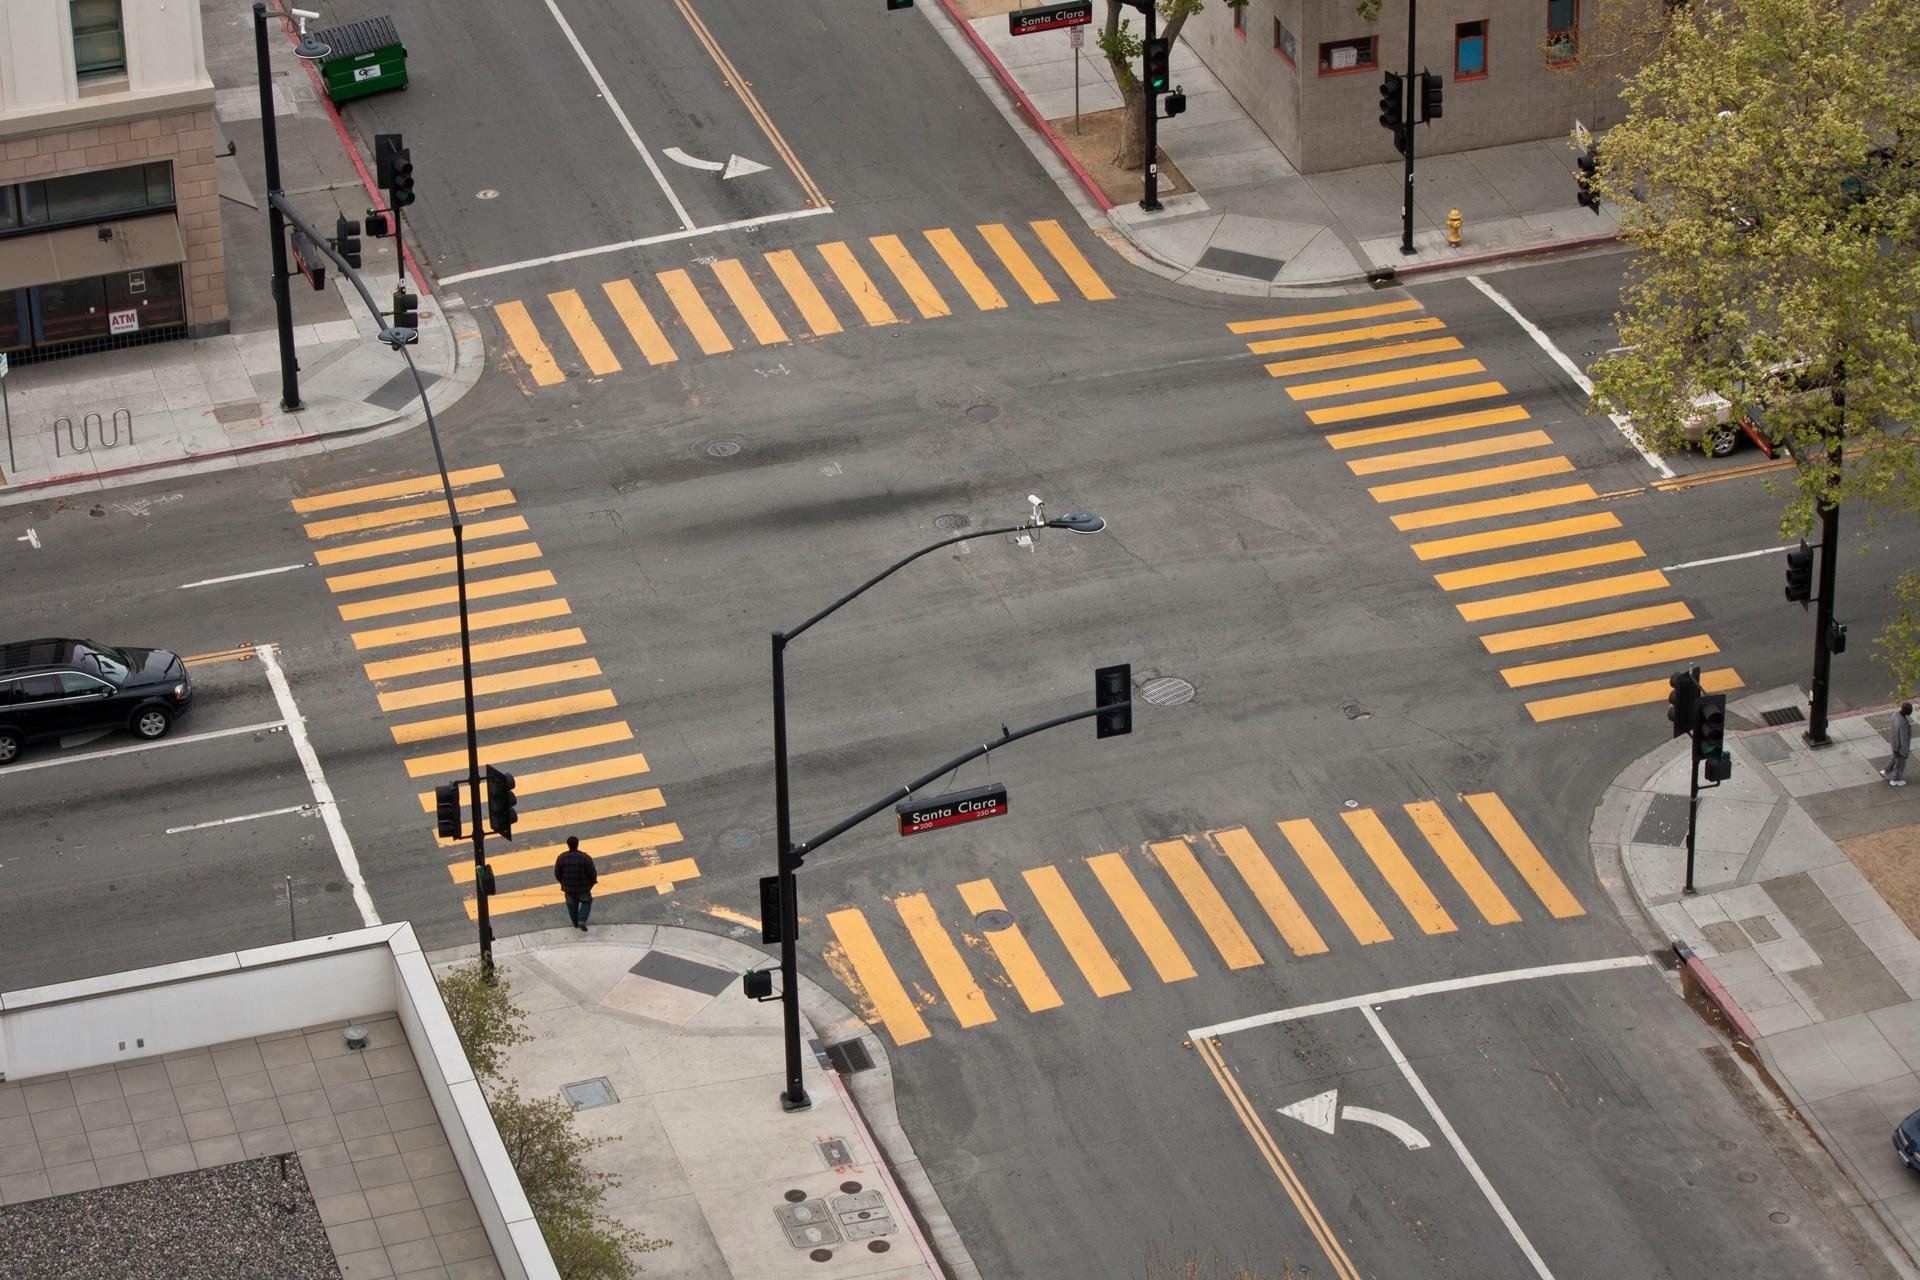 картинки дороги перекресток неприхотливо